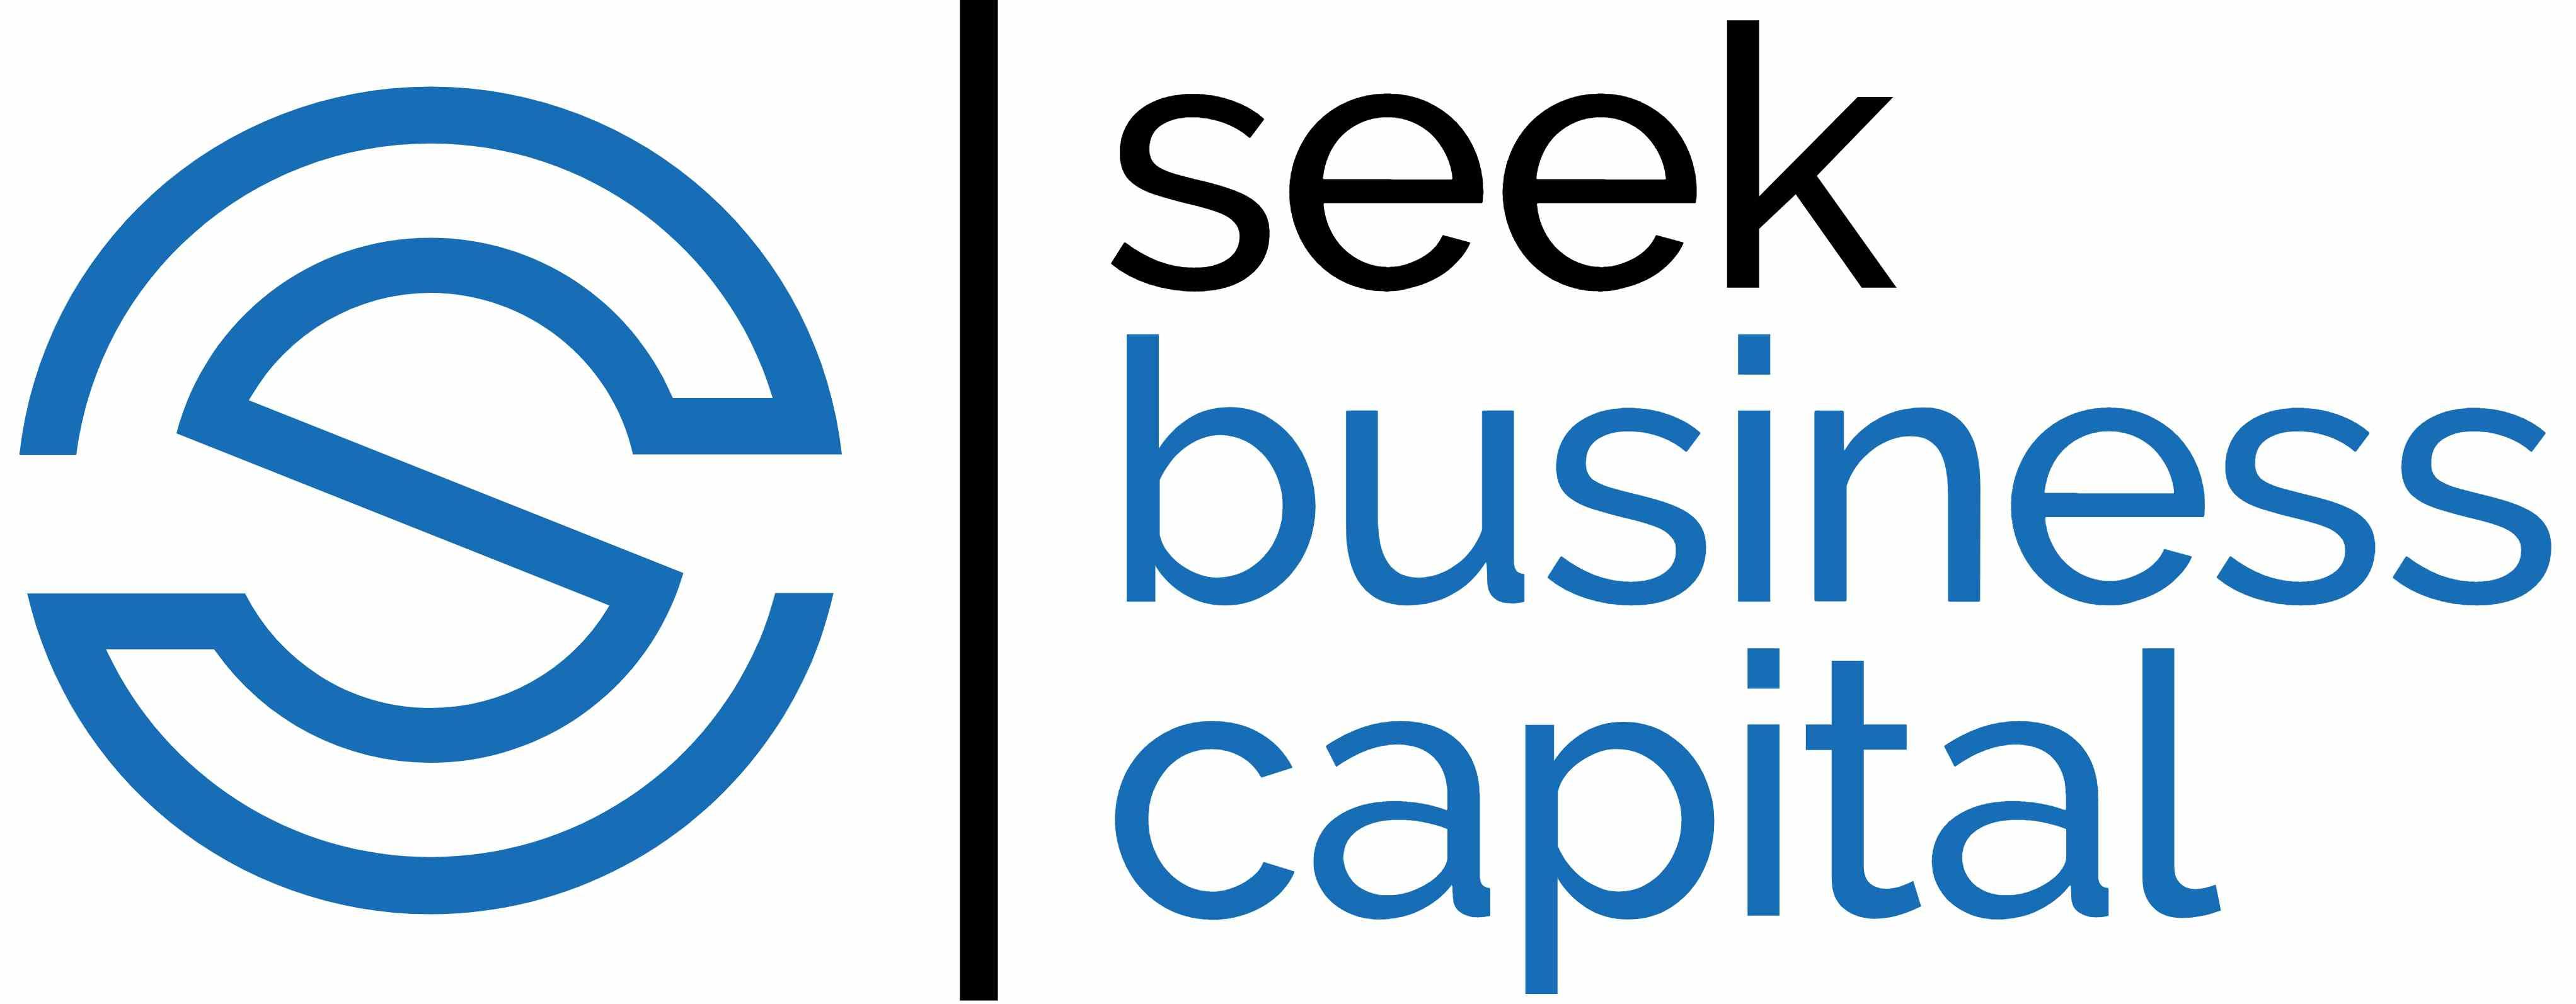 Seek Capital